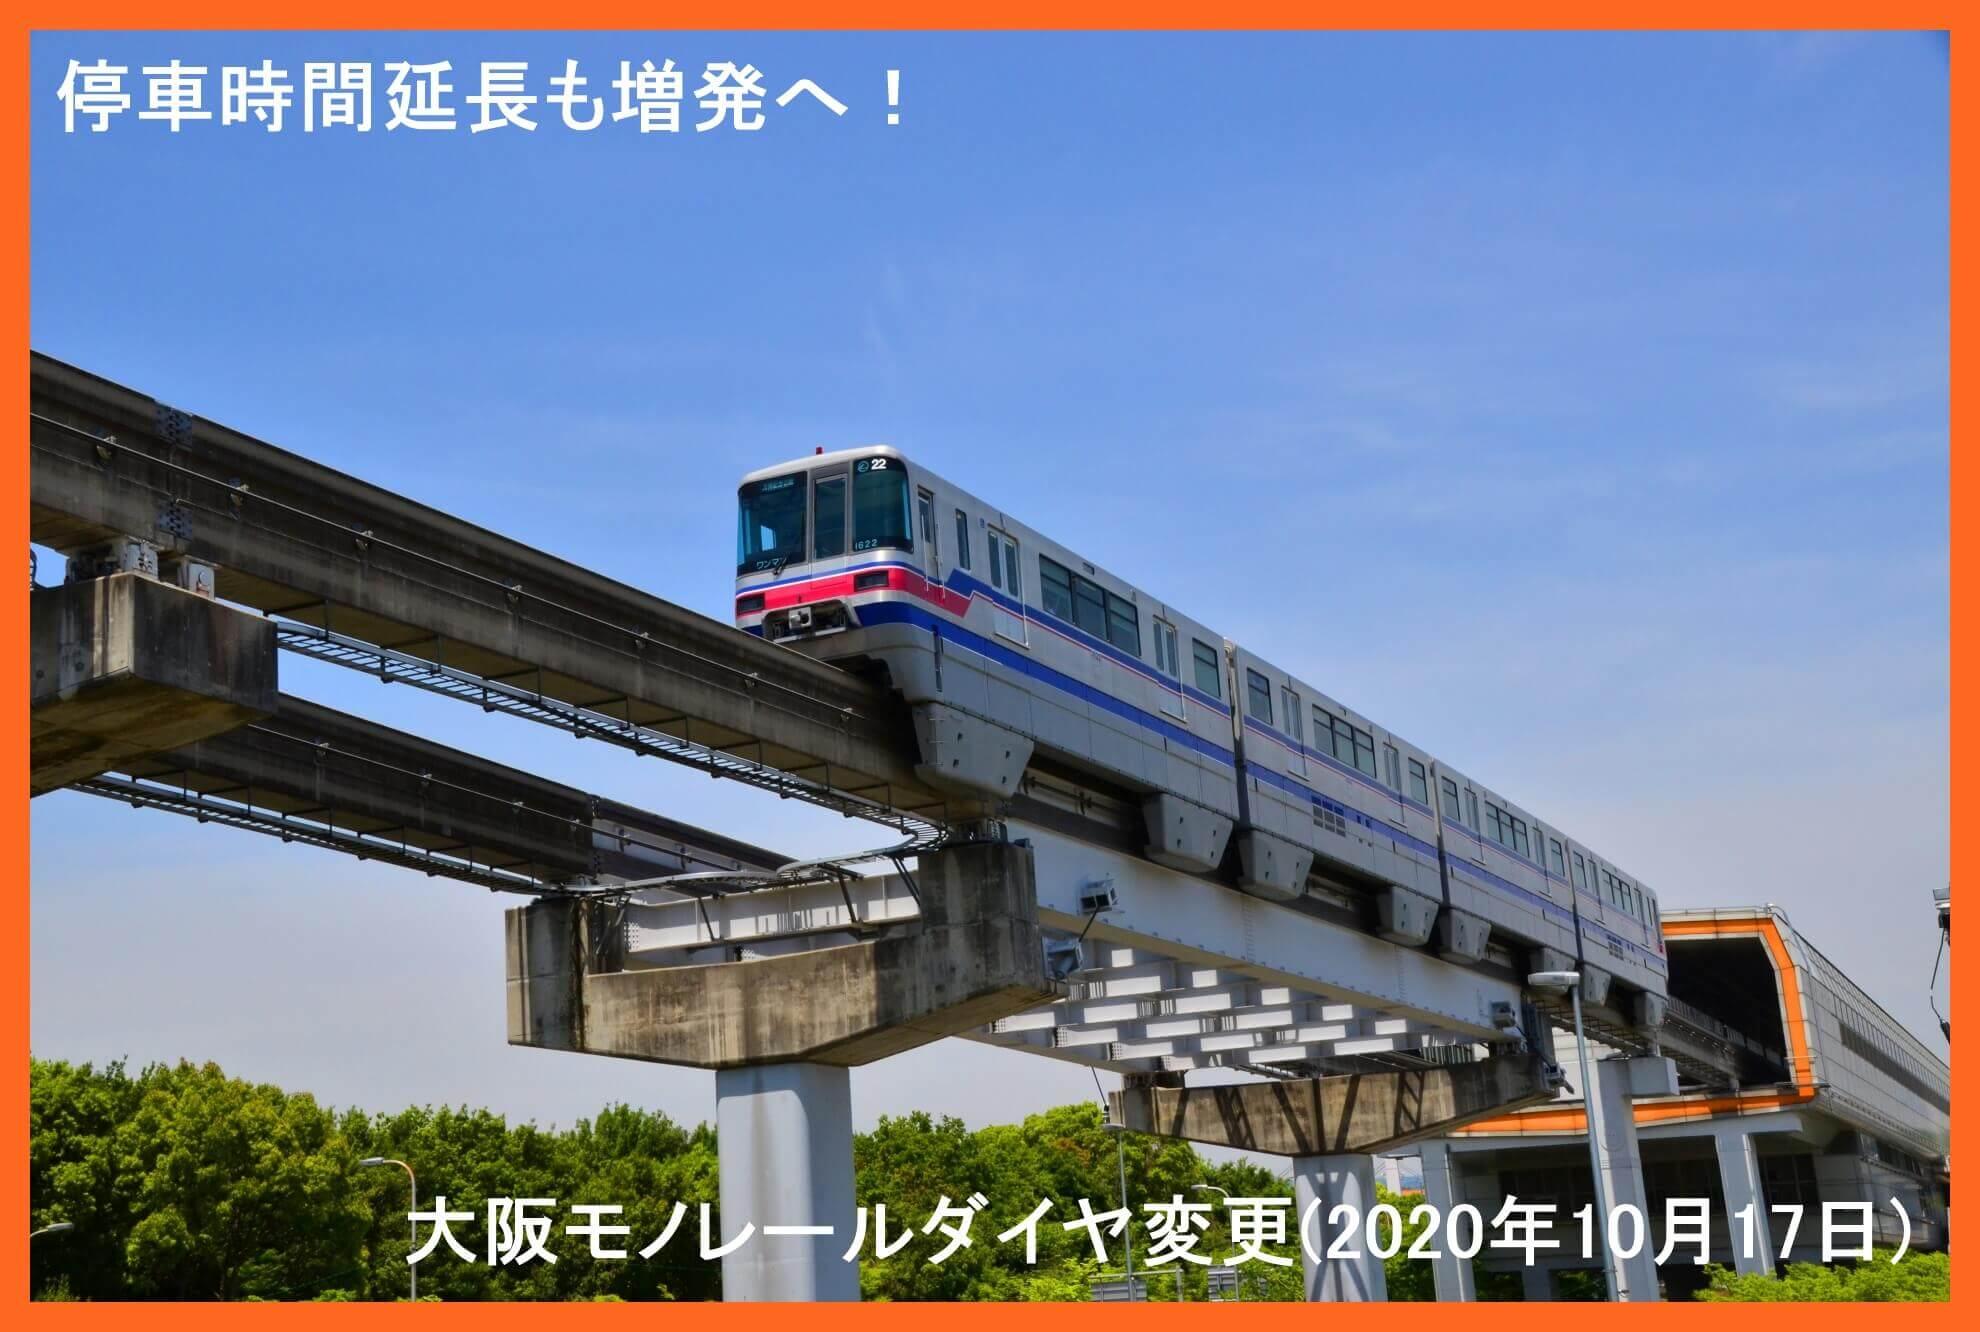 停車時間延長も増発へ! 大阪モノレールダイヤ変更(2020年10月17日)